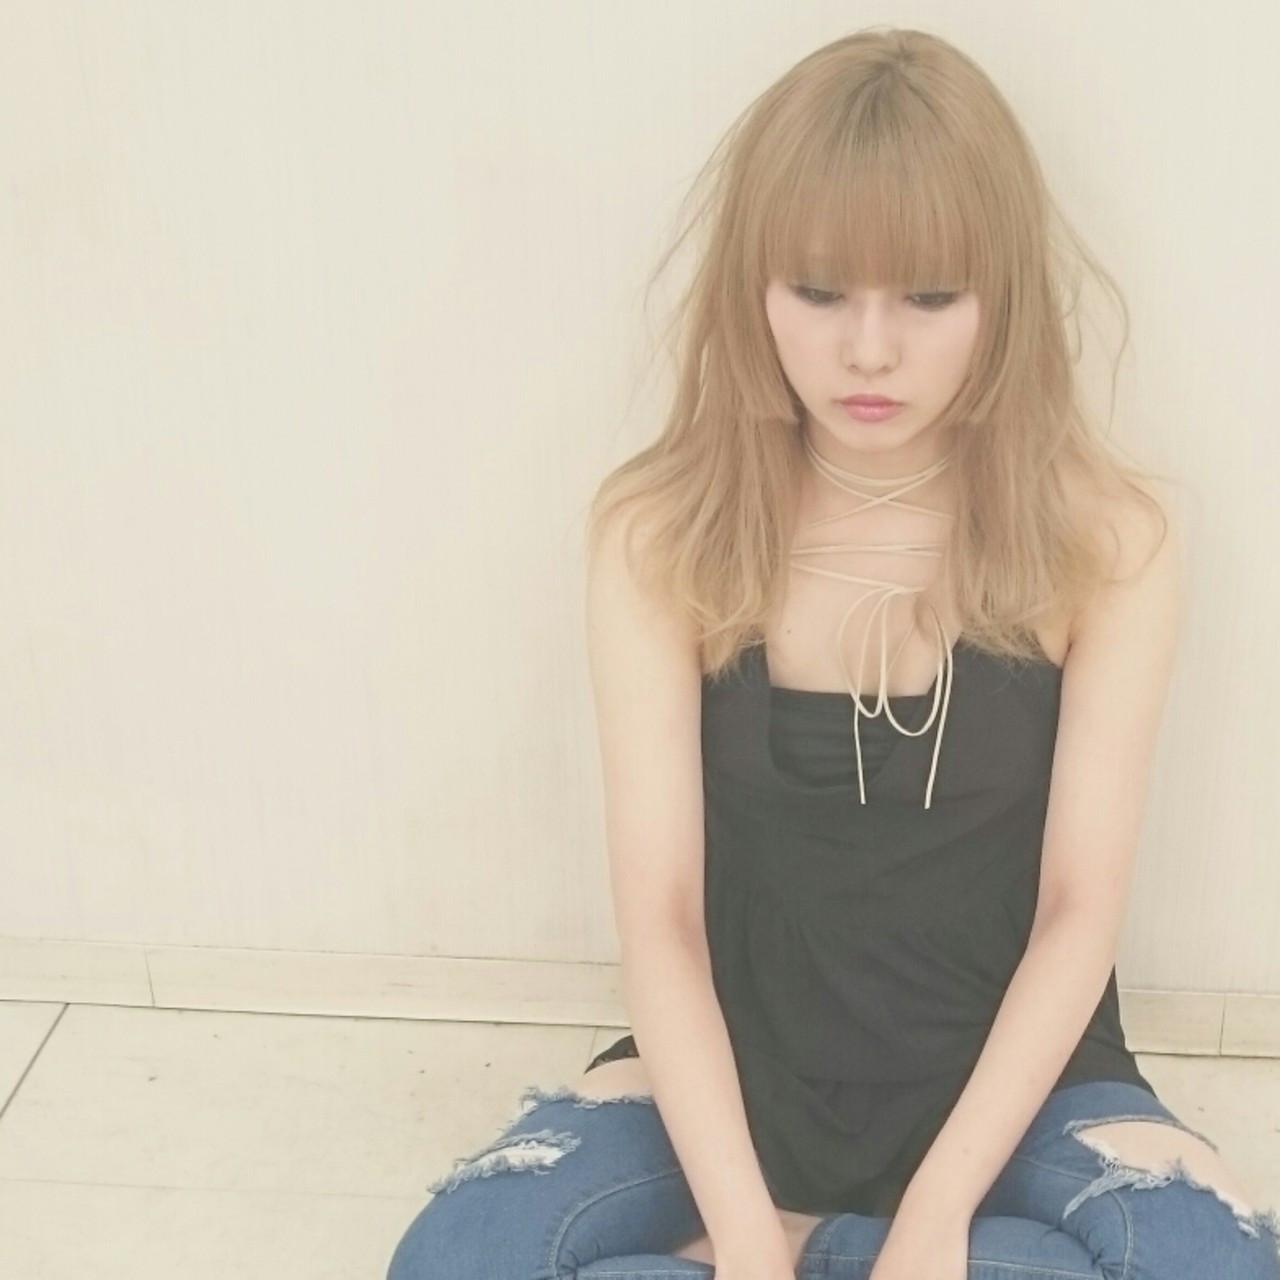 ロング ゆるふわ ハイトーン 姫カット ヘアスタイルや髪型の写真・画像